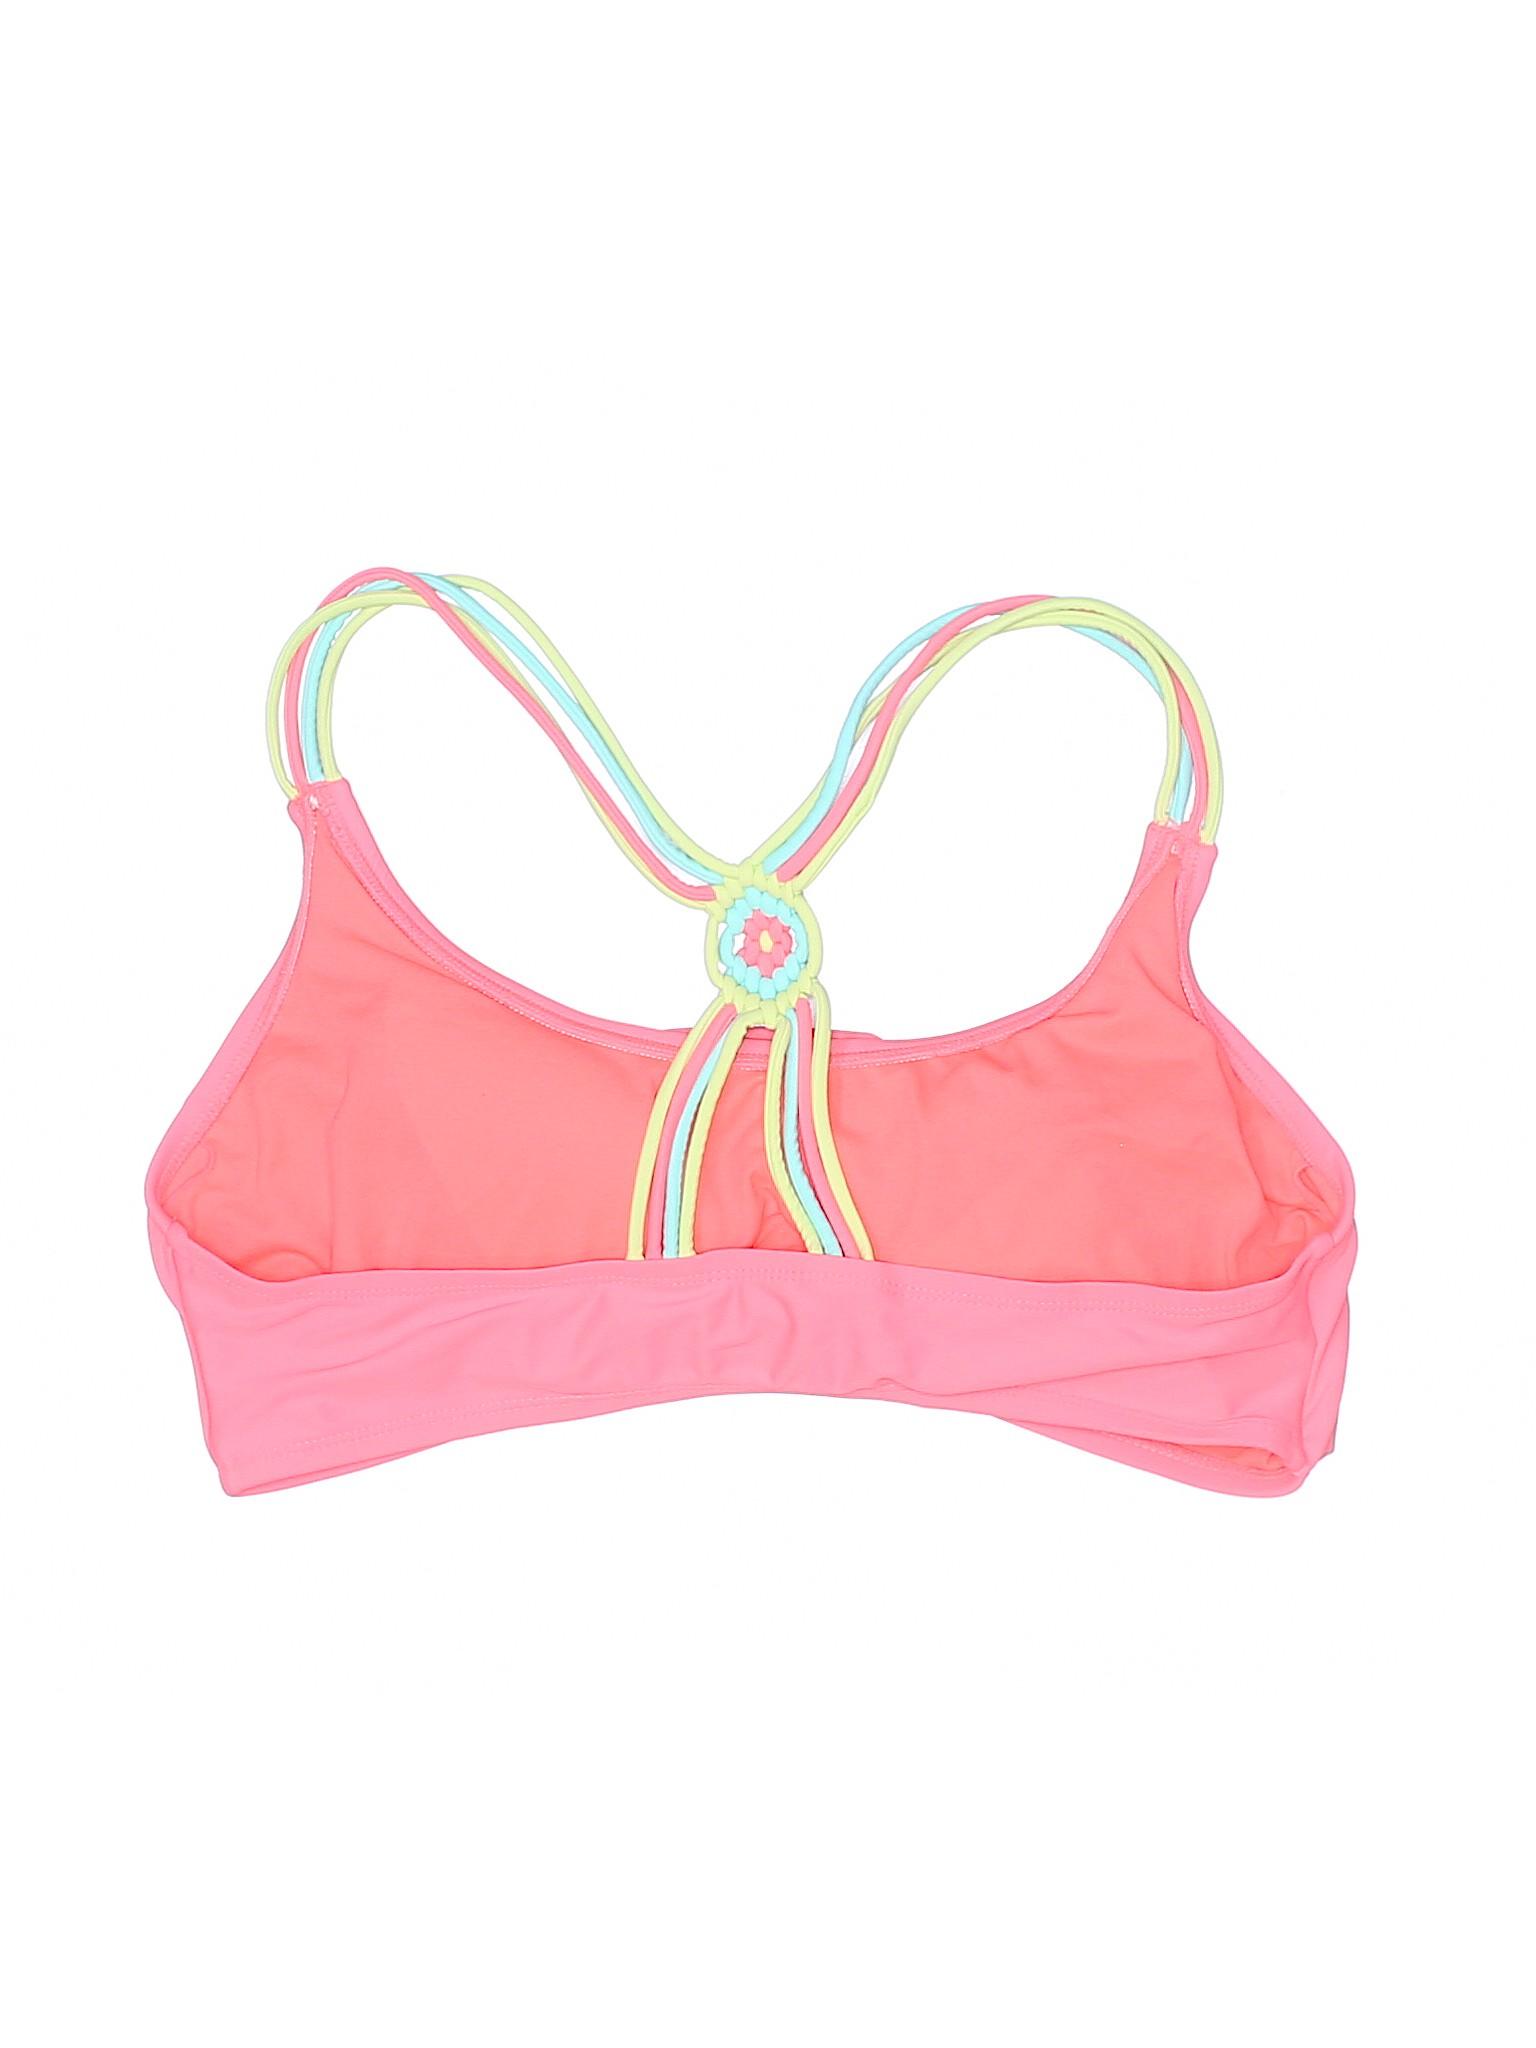 Swimsuit Xhilaration Boutique Top Xhilaration Boutique 4XnRxFt8